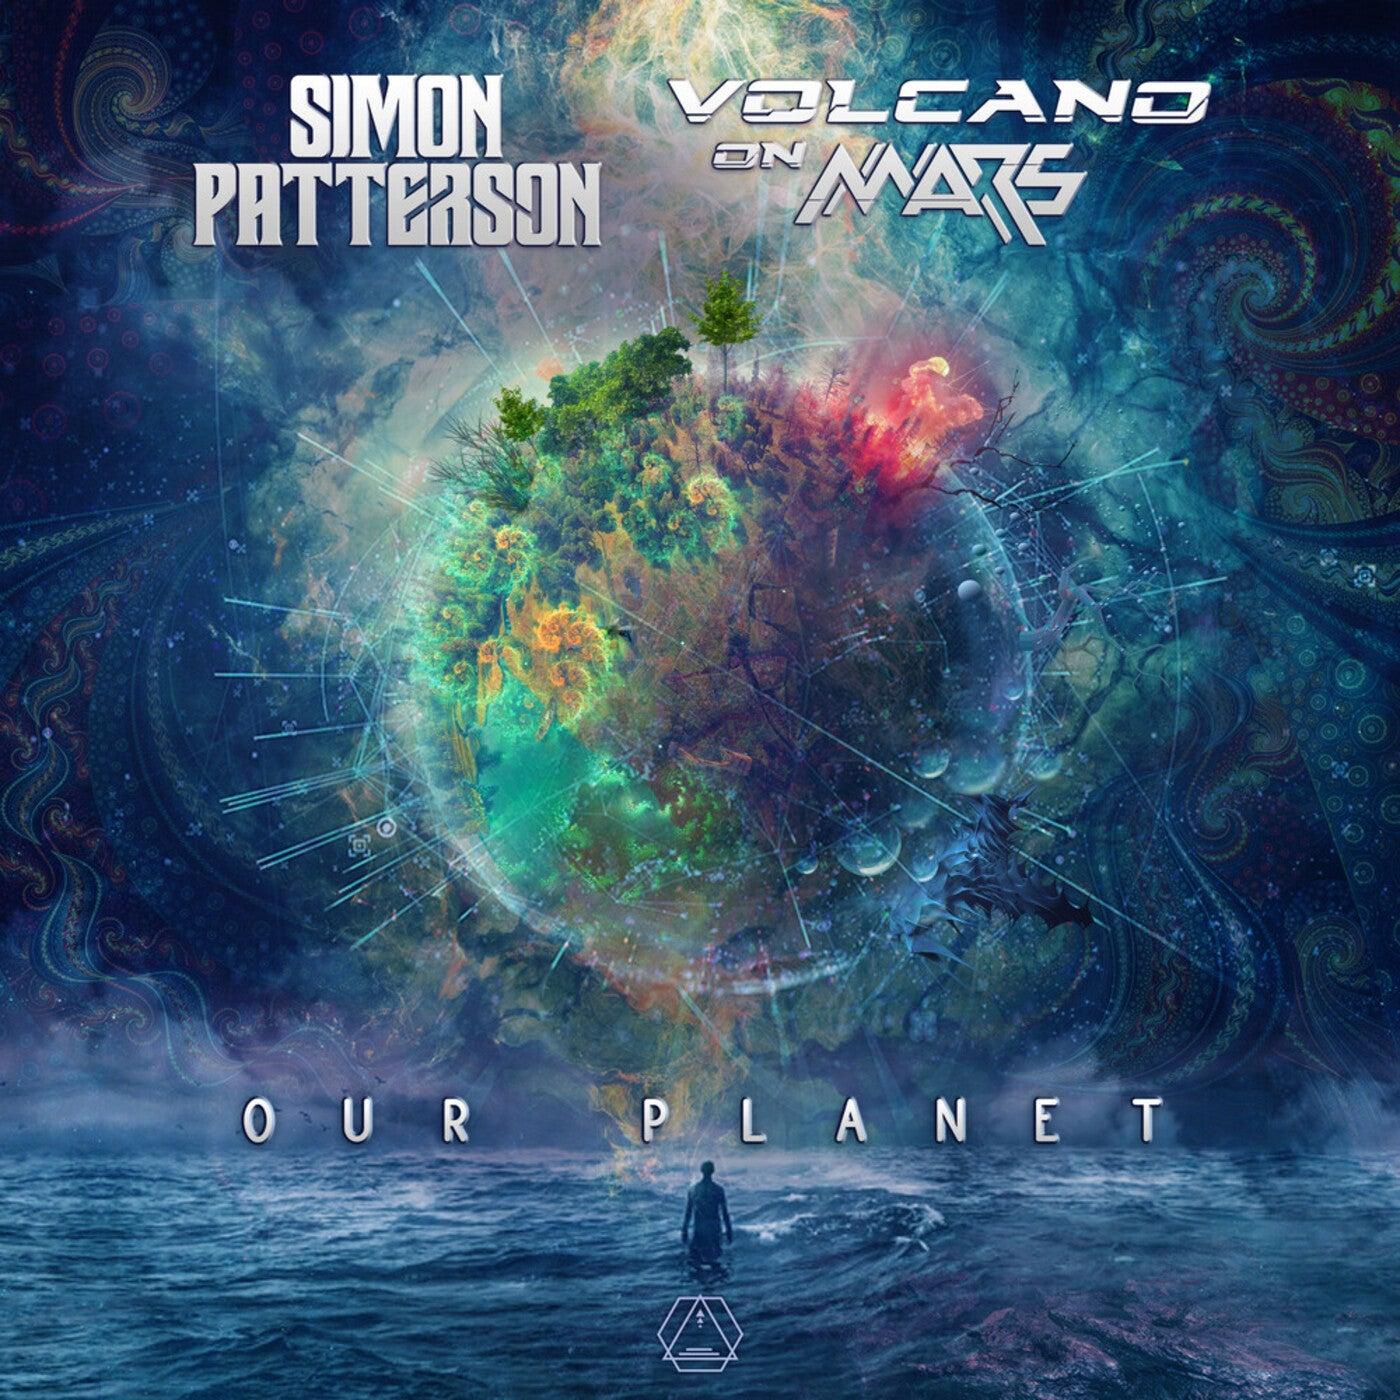 Our Planet (Original Mix)